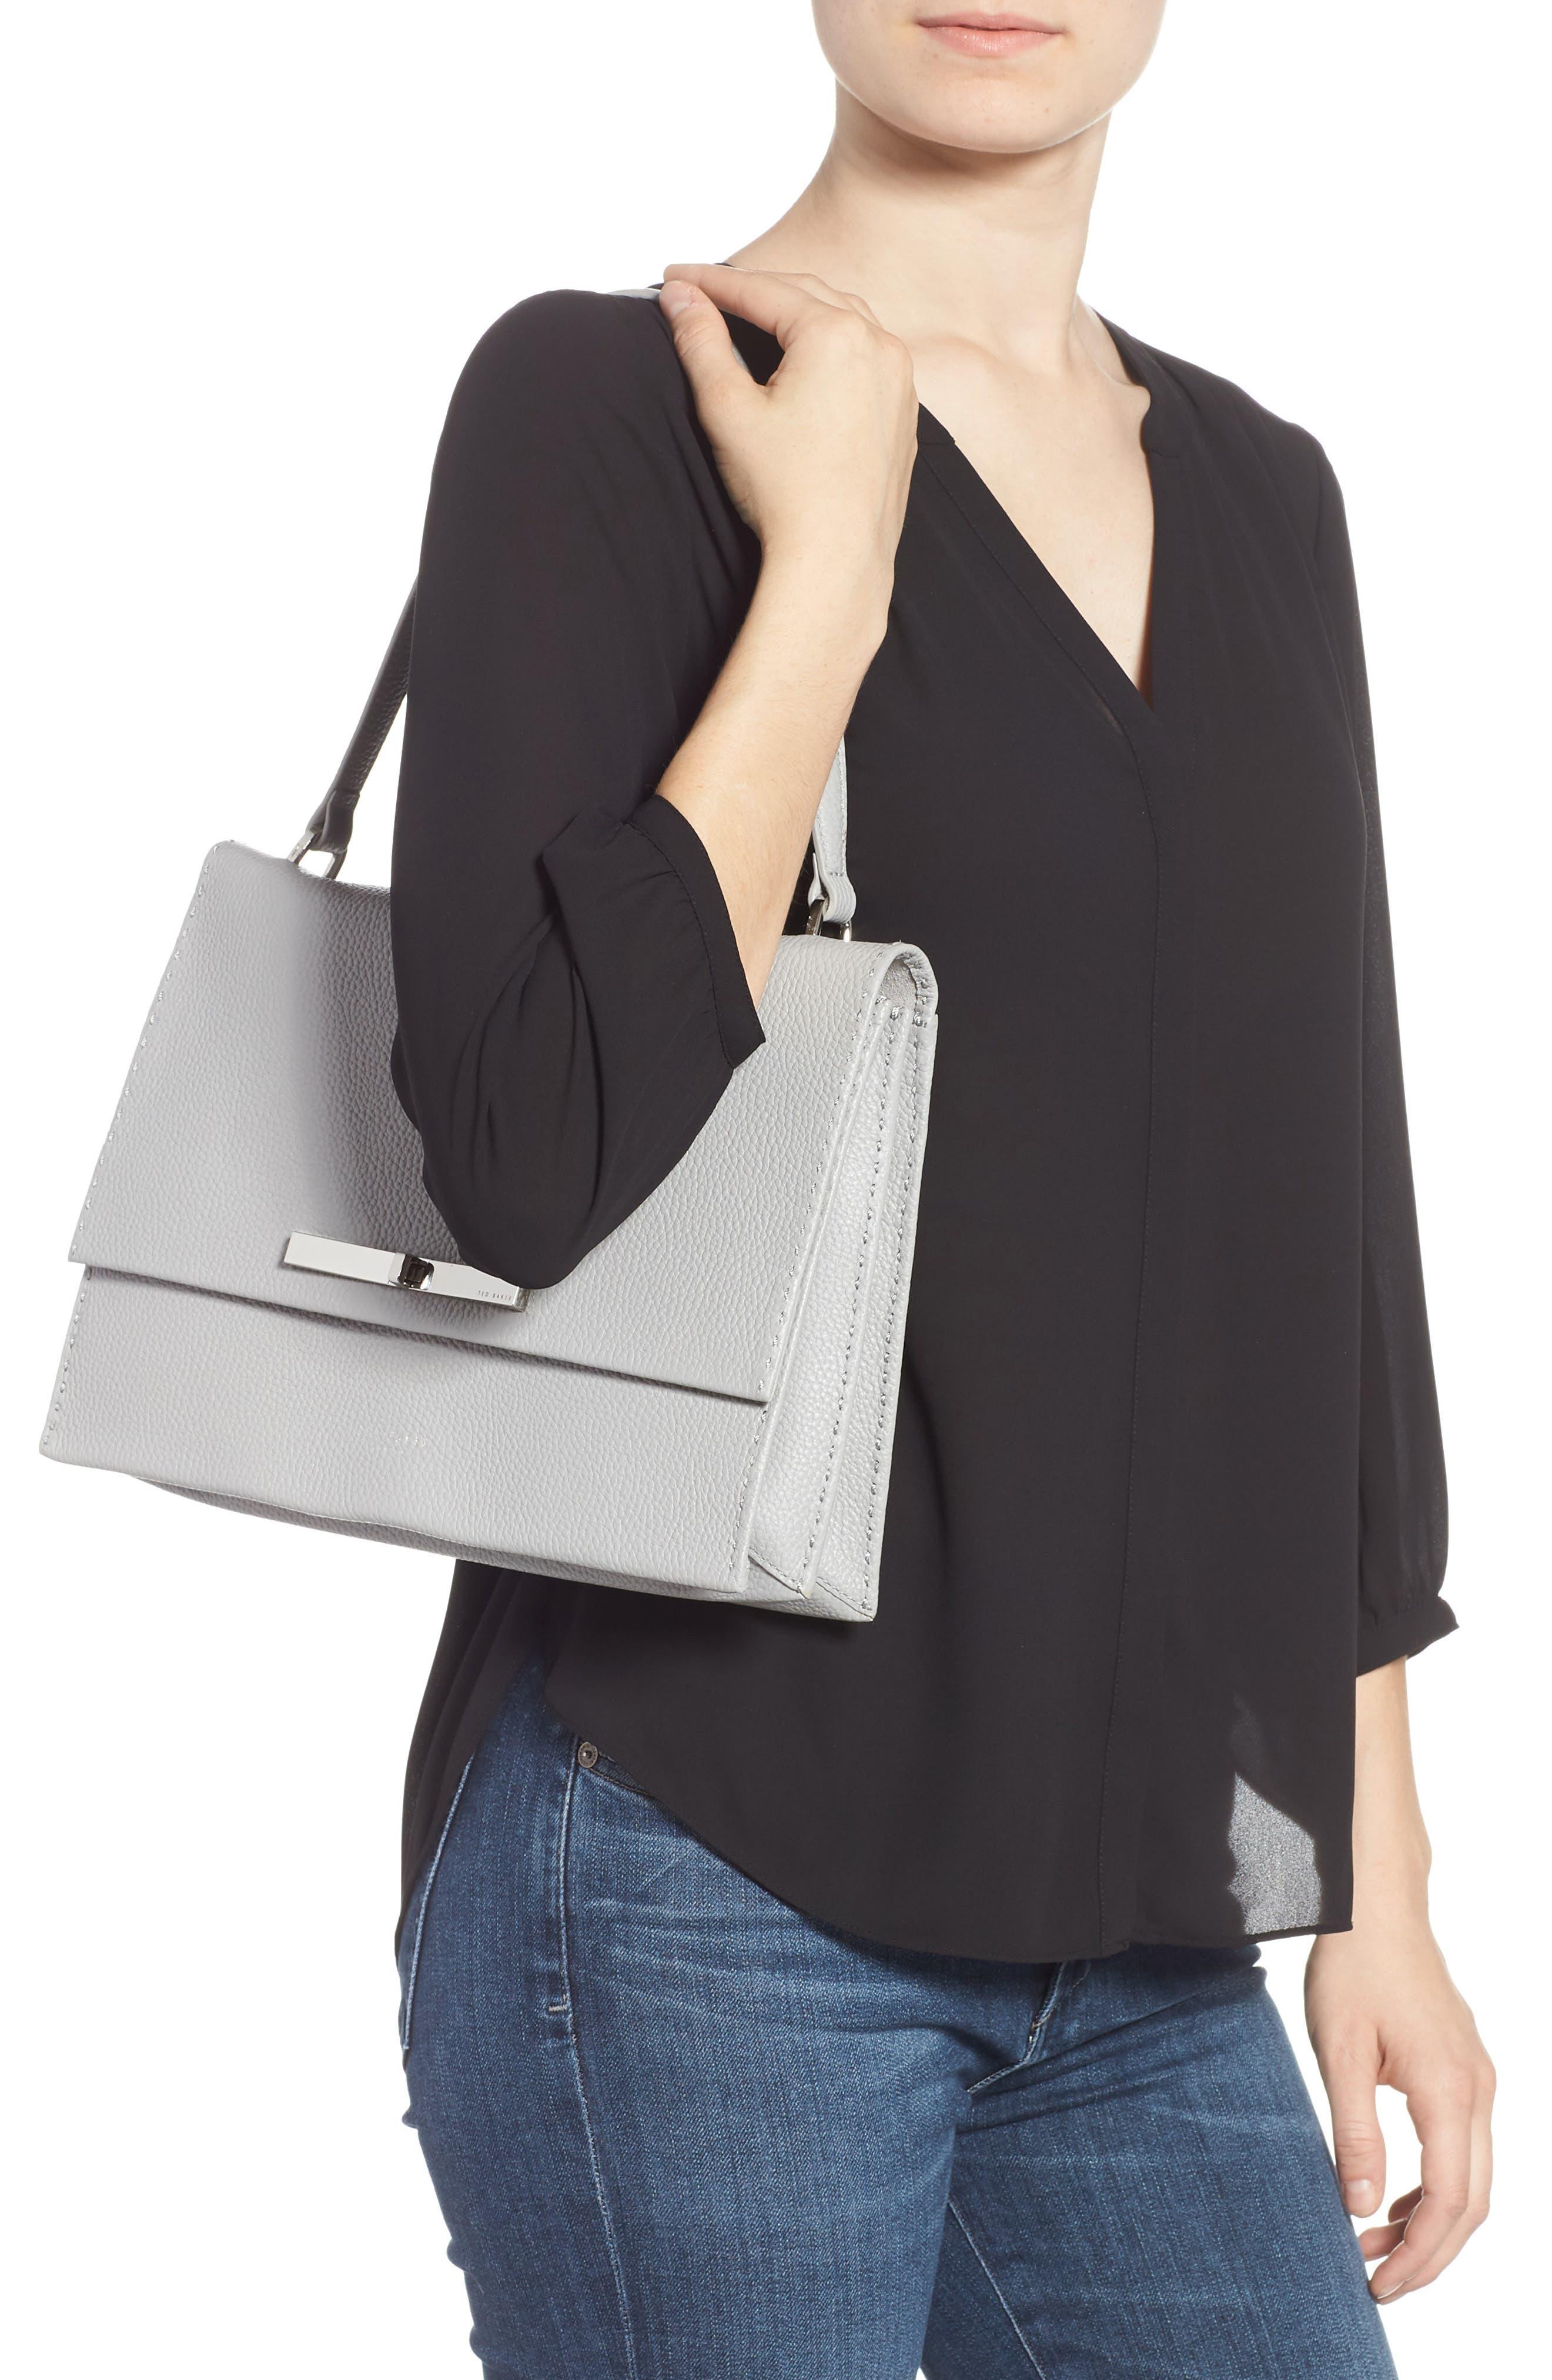 Jessi Leather Shoulder Bag,                             Alternate thumbnail 2, color,                             GREY